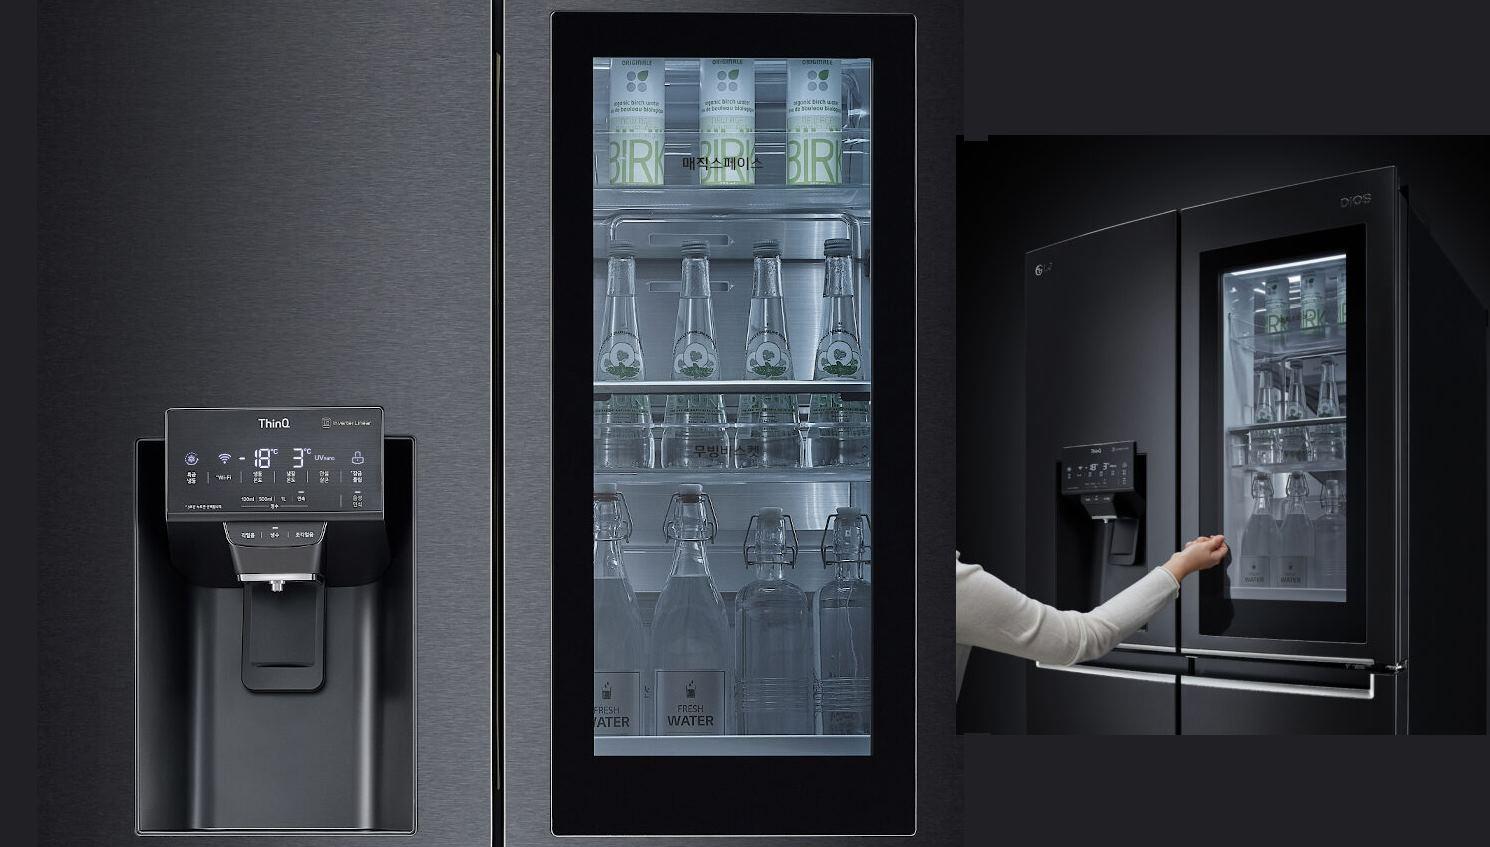 LG presenta frigorífico que se abre con la voz